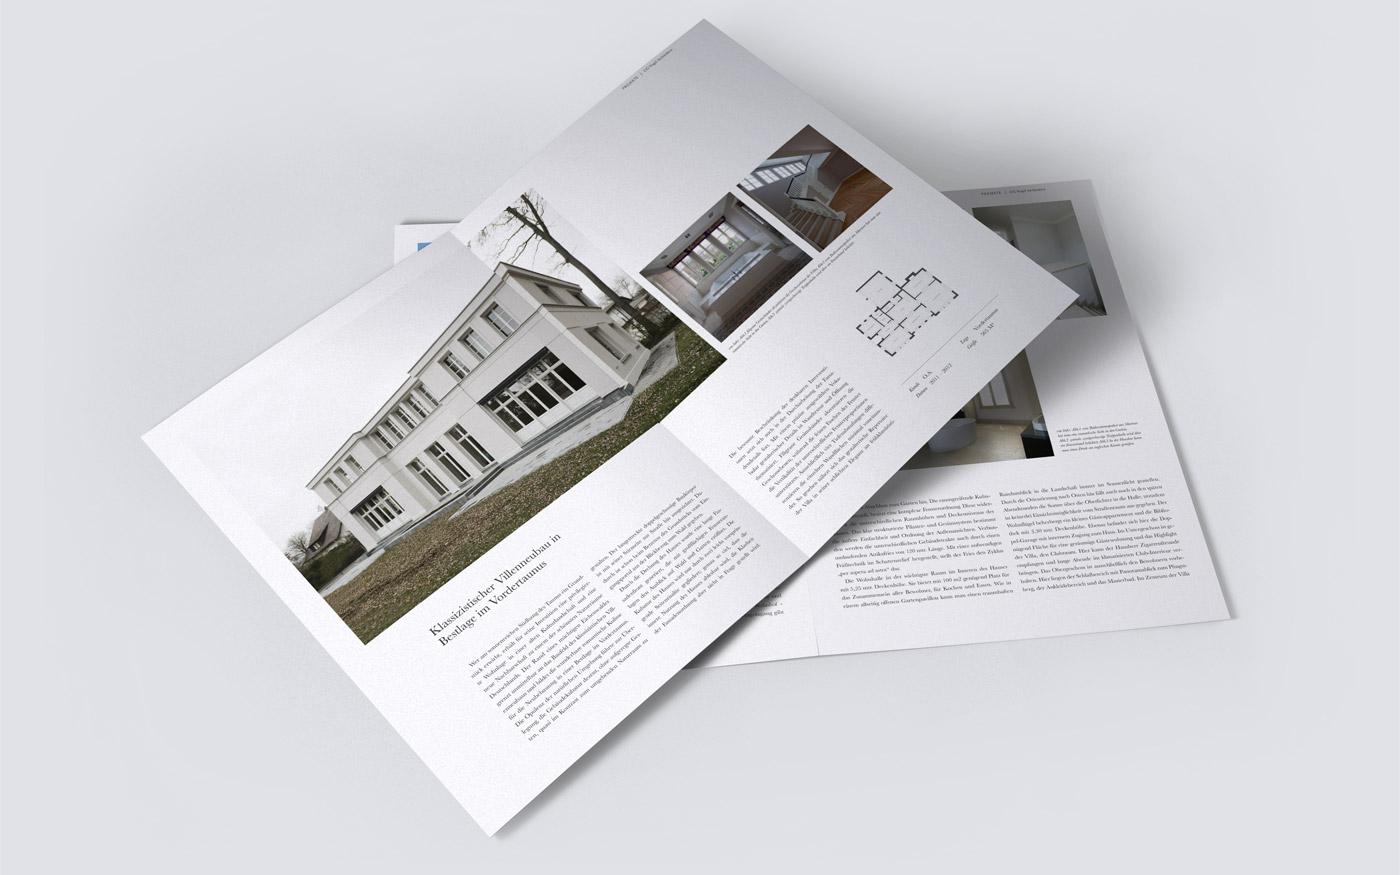 cg-vogelarchitekten-broschure